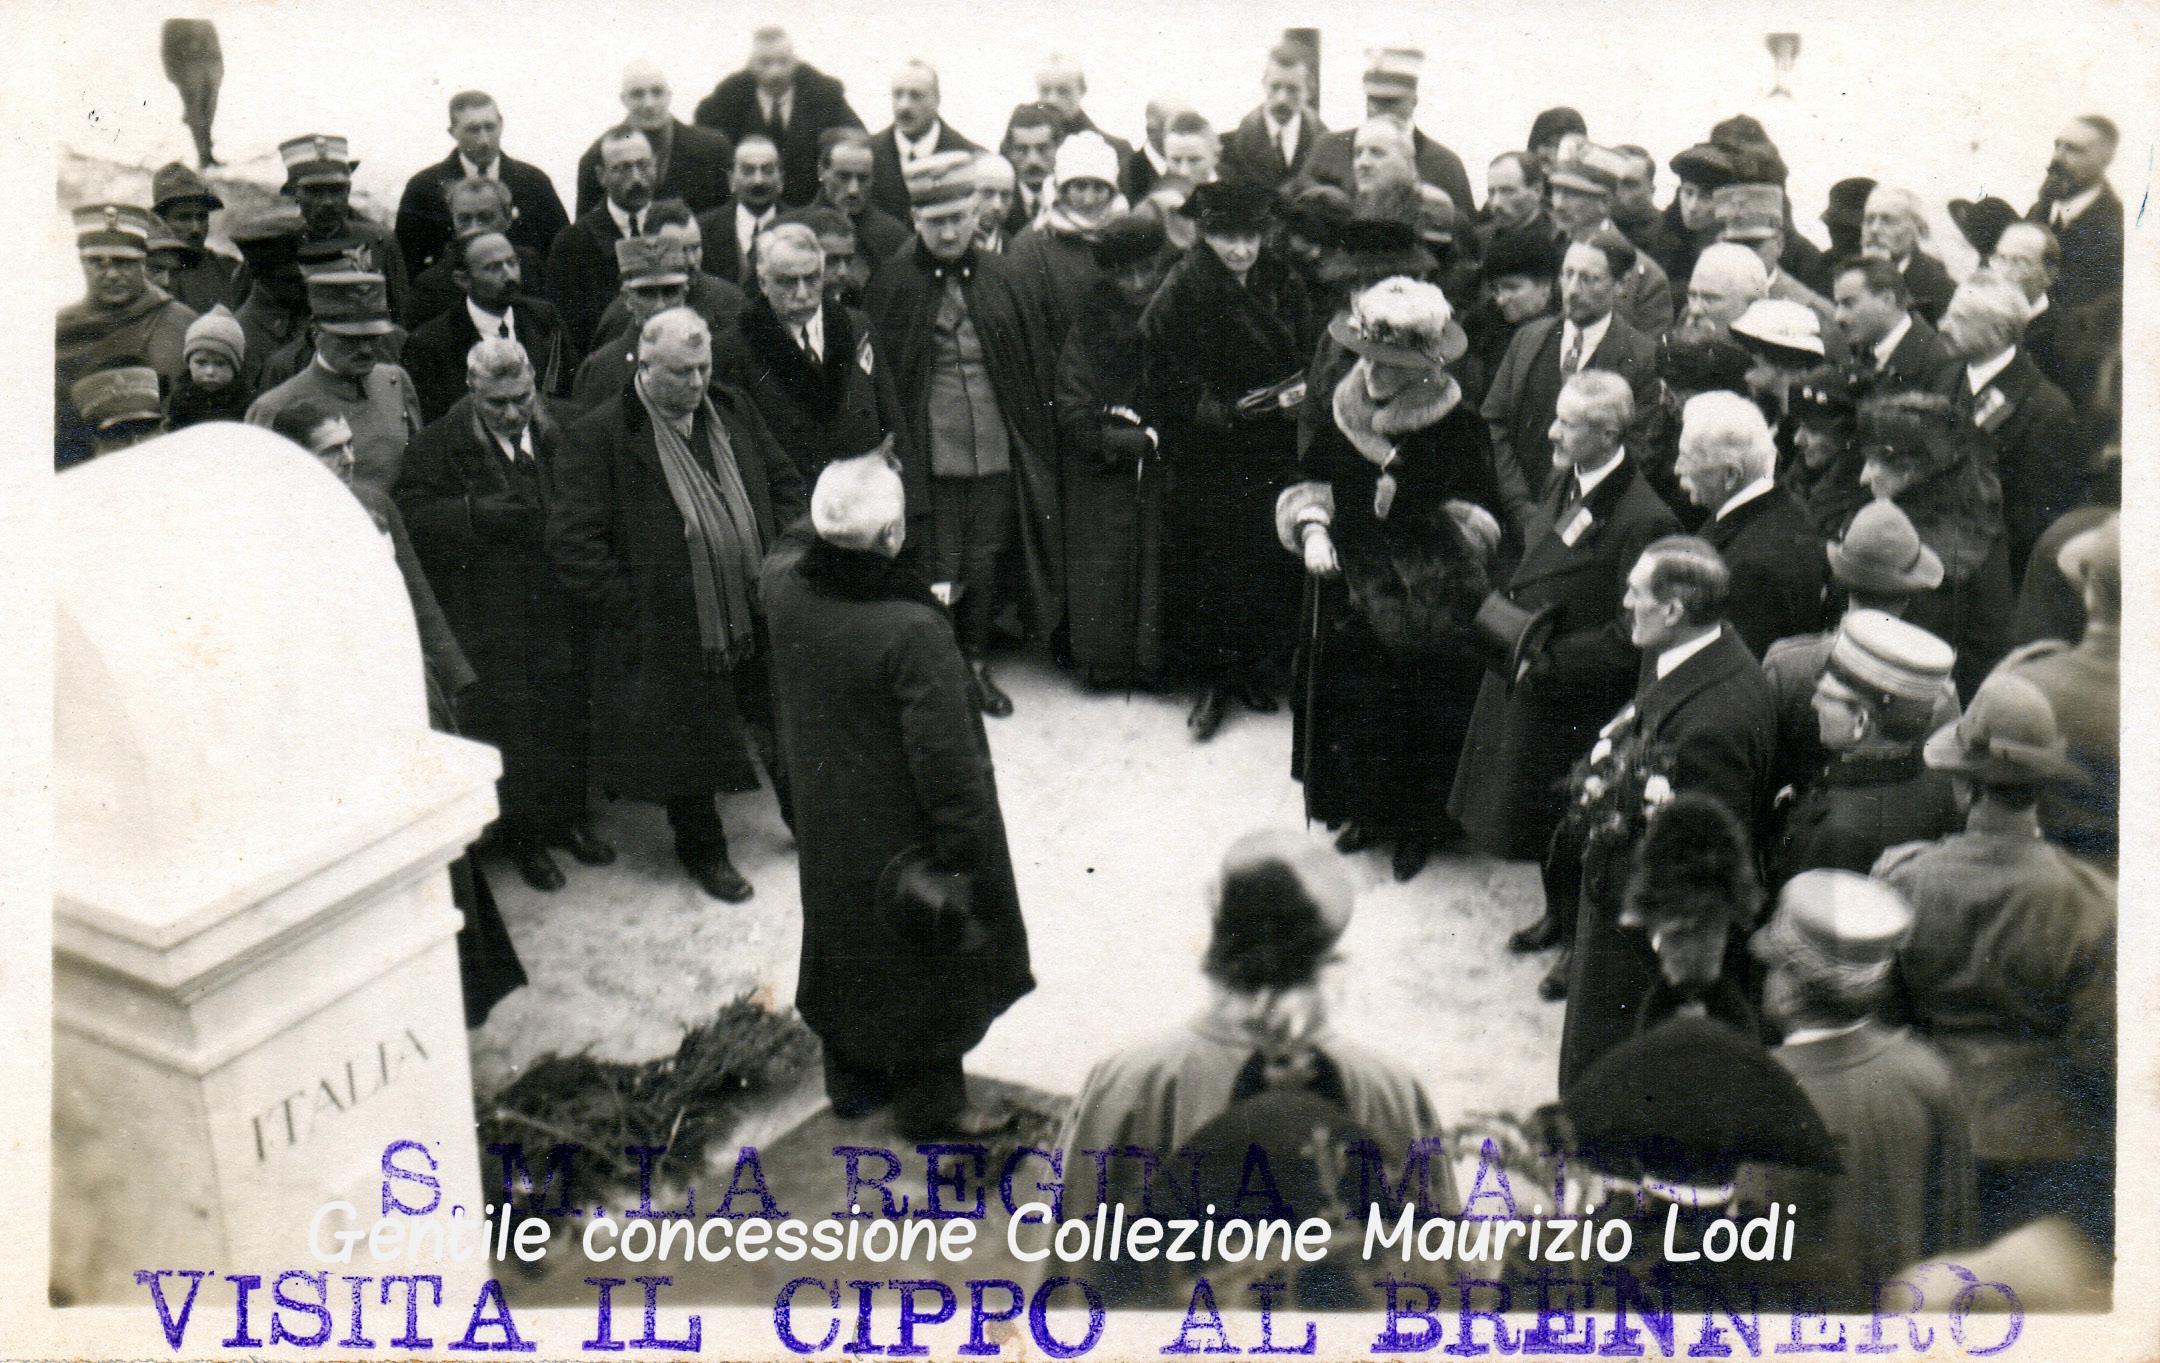 Alto Adige Tirolo Redento 13 novembre 1921 visita della Regina Madre Margherita di Savoia al nuovo cippo confinario italoaustriaco al Brennero d'Italia (c).jpg